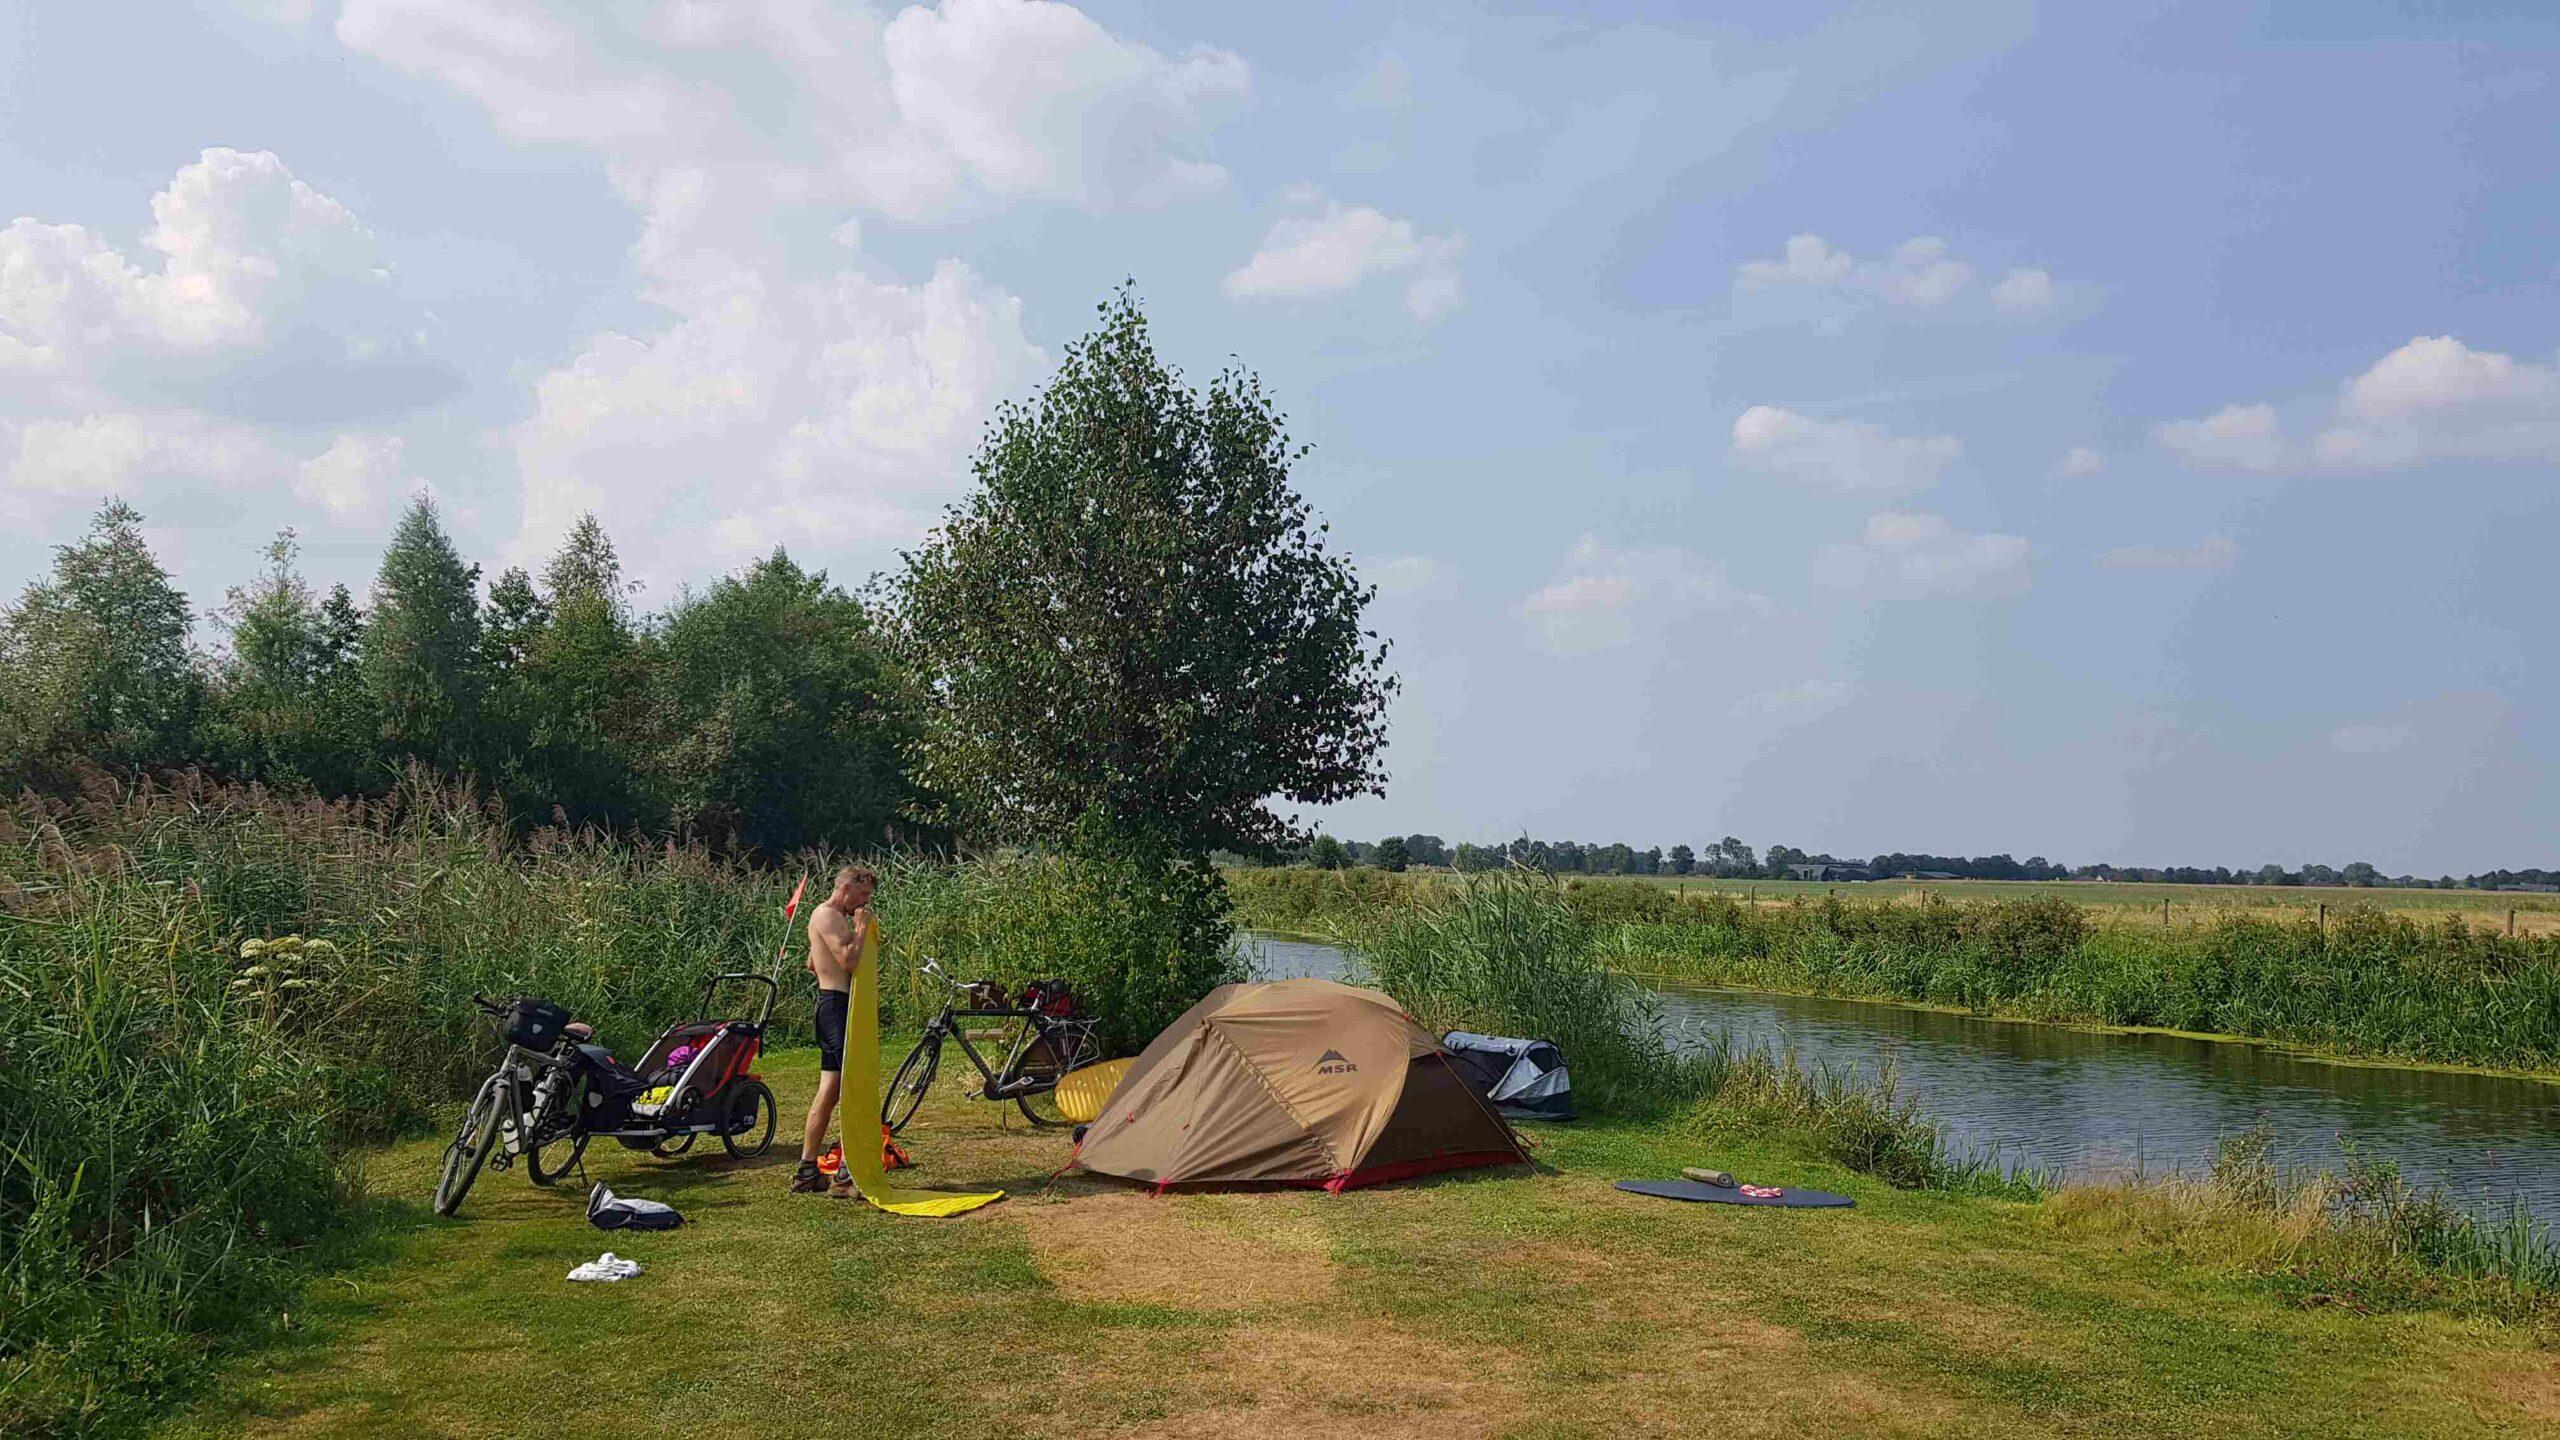 Rondje-Nederland-op-de-fiets-kamperen-Den-Ham